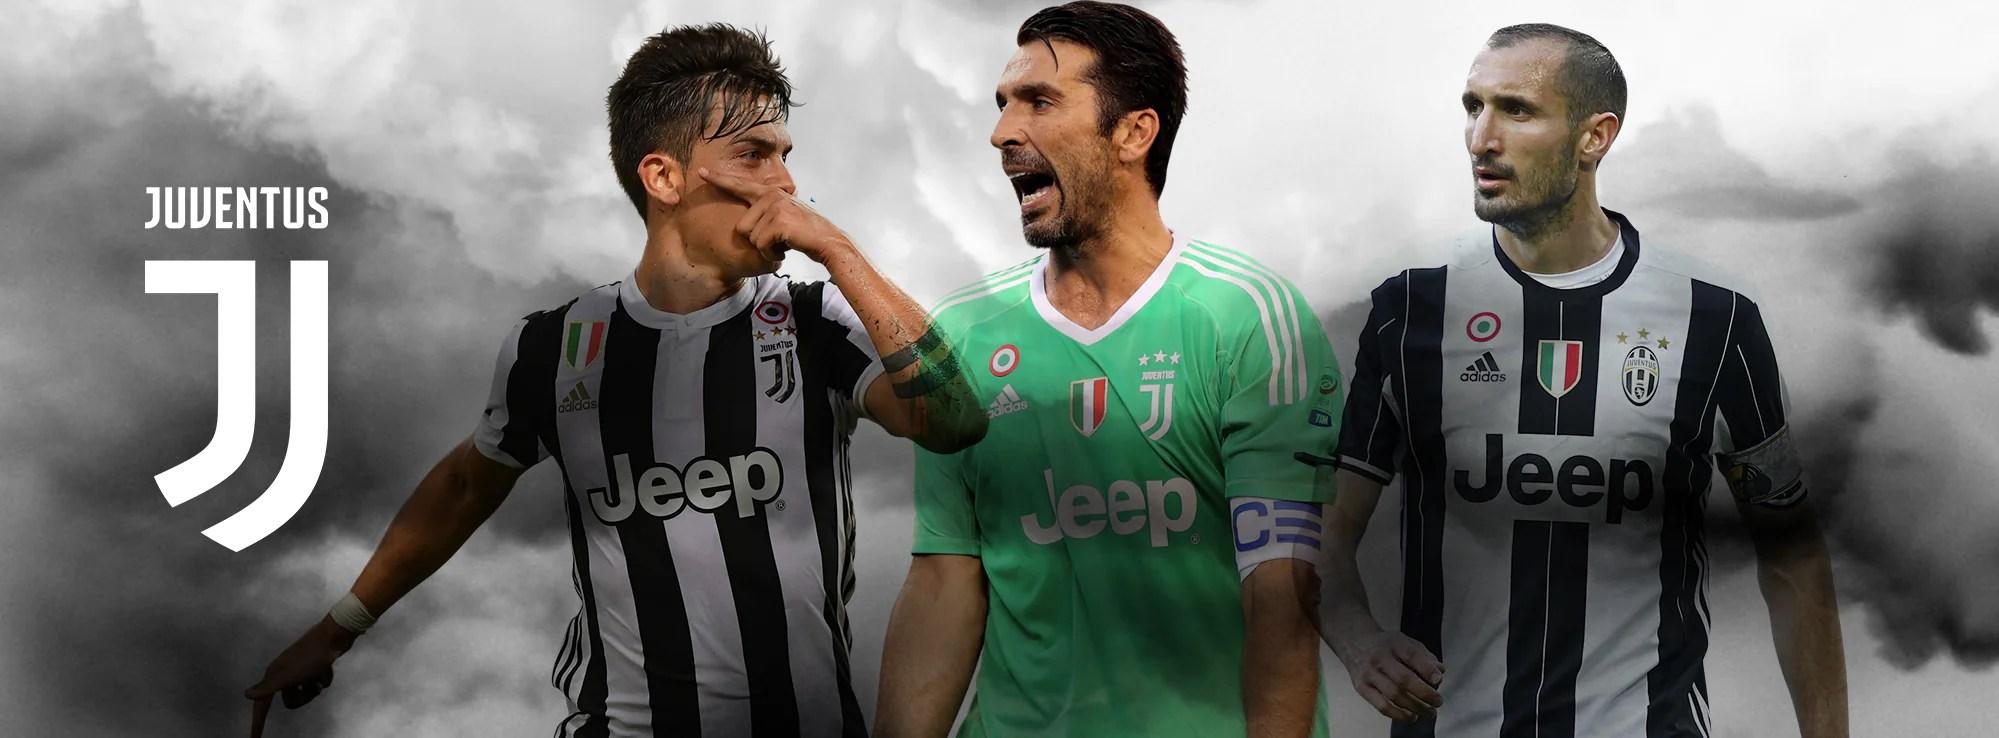 Juventus FC Fan Gear  Produits de Soccer Juventus FC